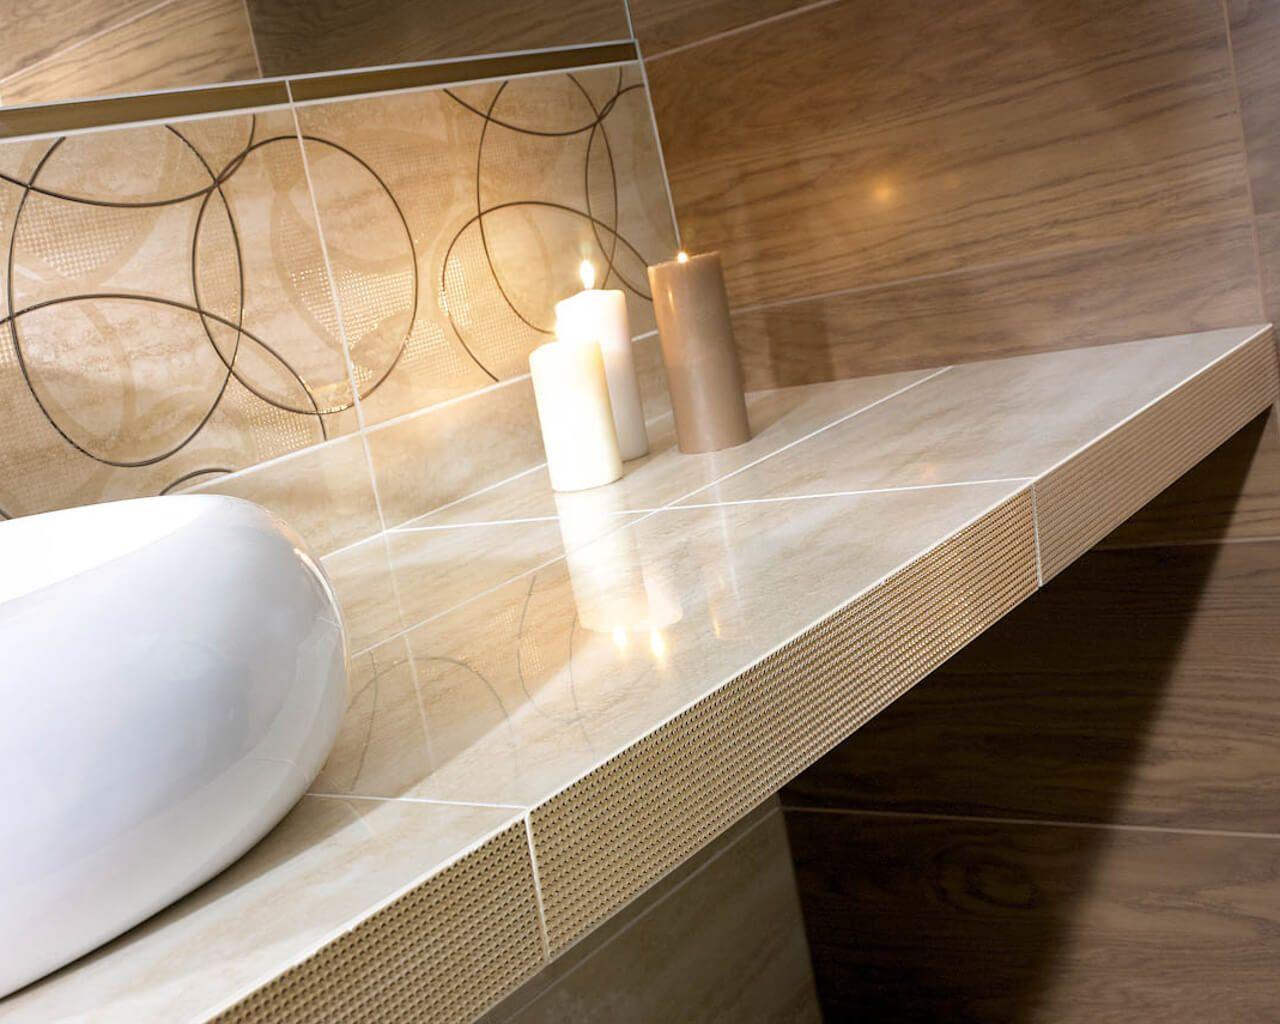 Beżowo-brązowa łazienka z metalizowanymi dekoracjami ...